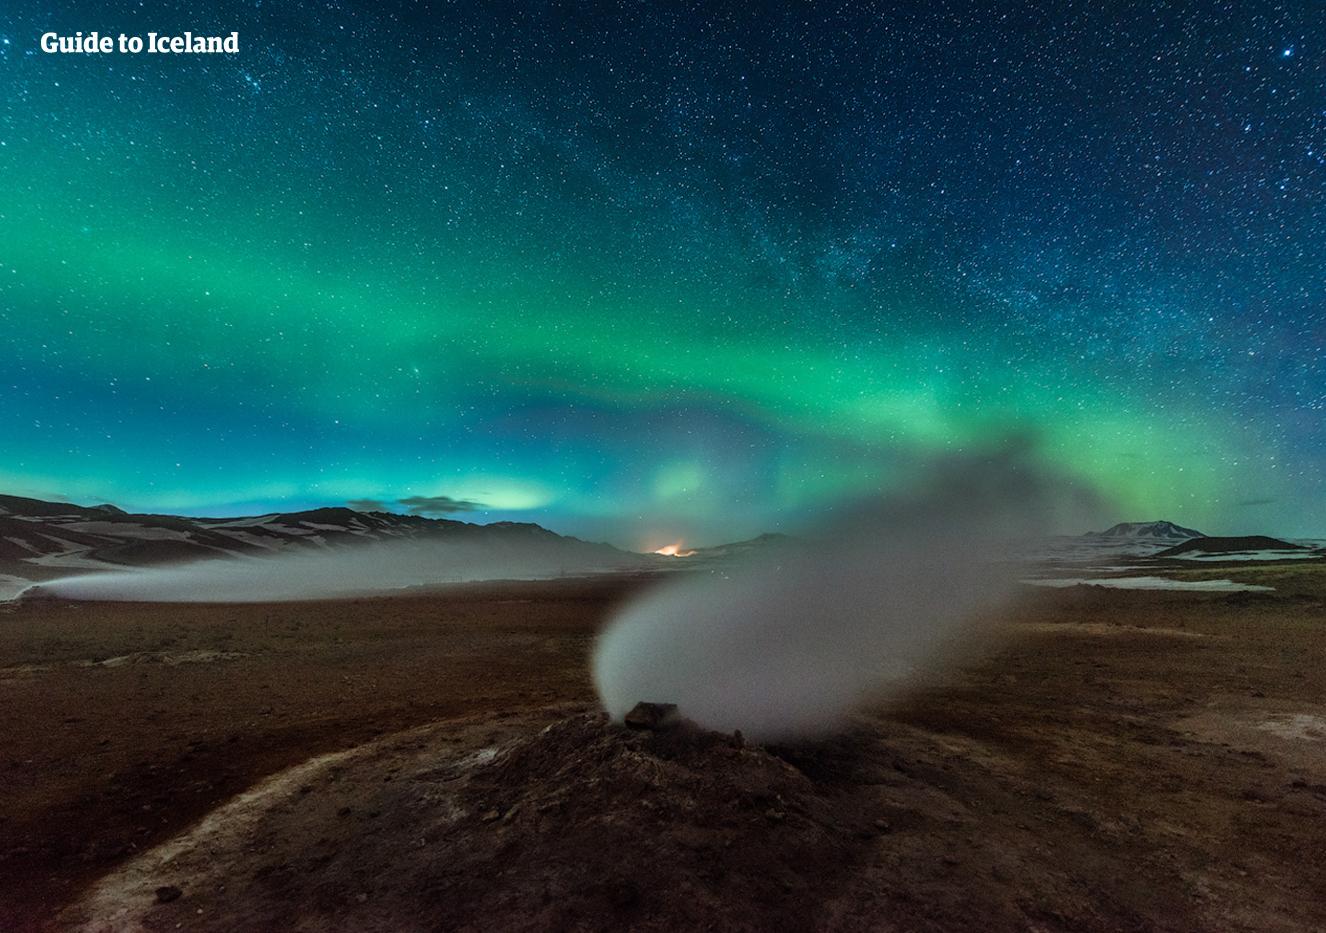 Het noorderlicht en een sterrenhemel boven een stoomopening in een geothermisch gebied bij het Mývatn-meer